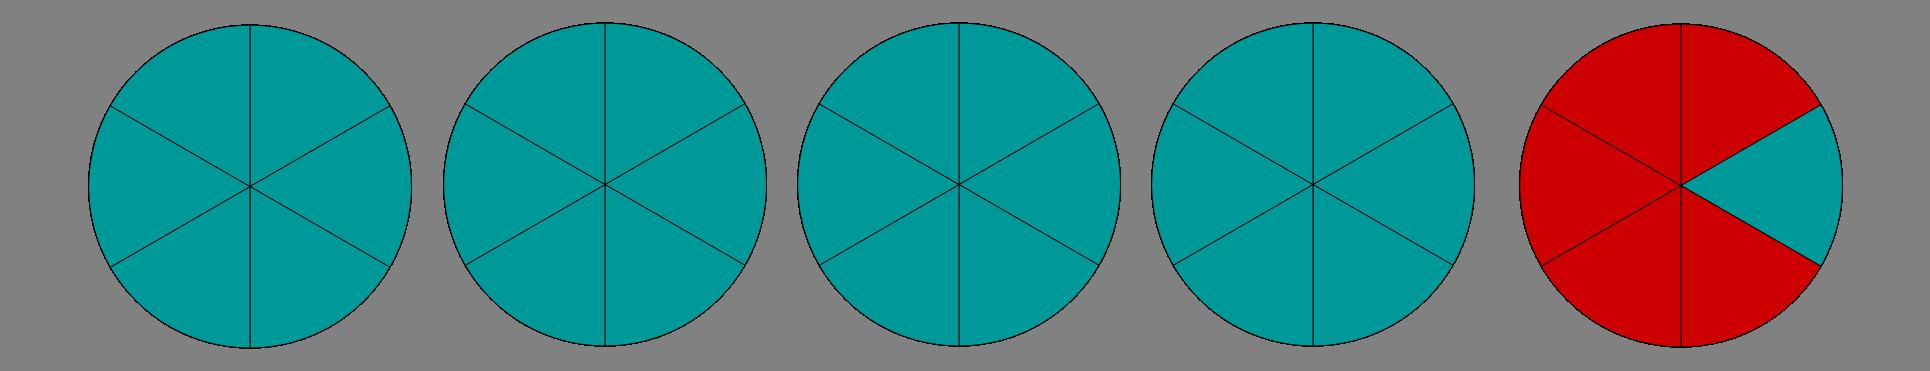 gemischte Zahl als Kreise